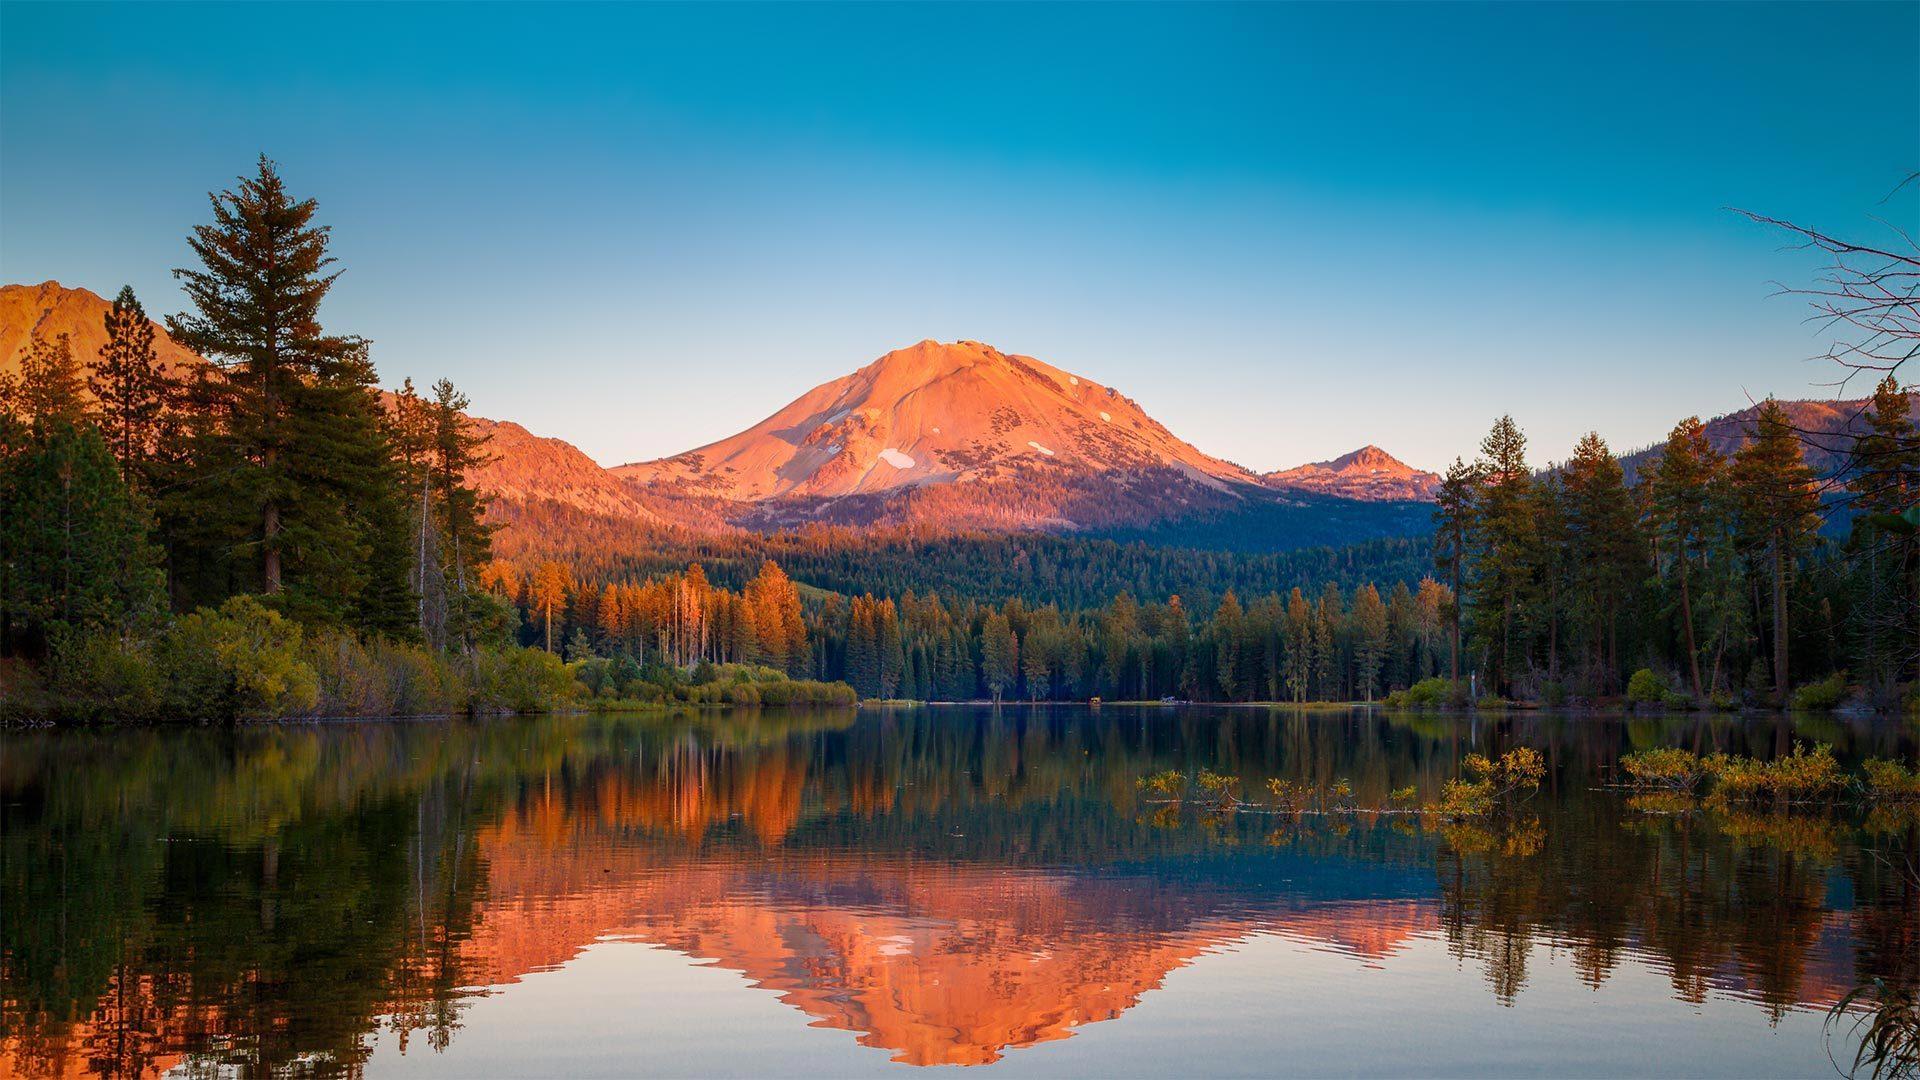 森火山国家公园中的拉森峰拉森峰